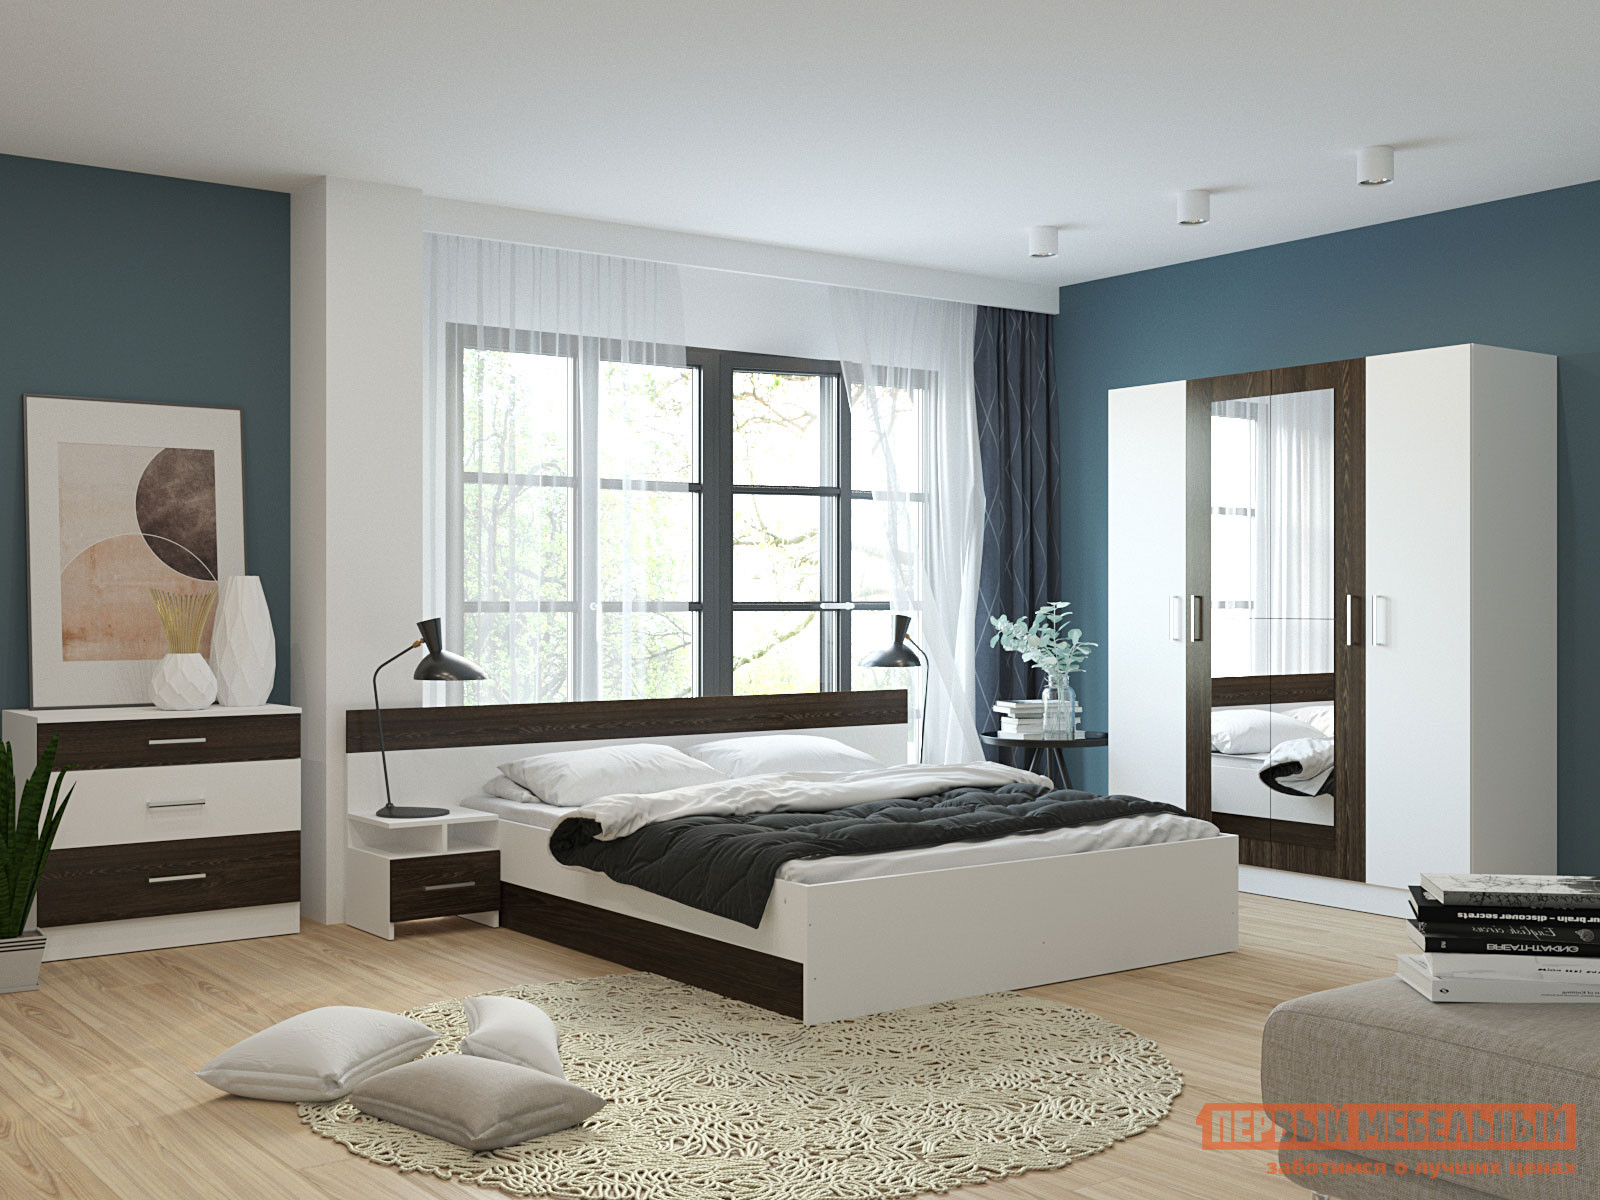 Спальный гарнитур Первый Мебельный Комплект мебели для спальни Леси спальный гарнитур нк мебель комплект мебели для спальни тиберия к2